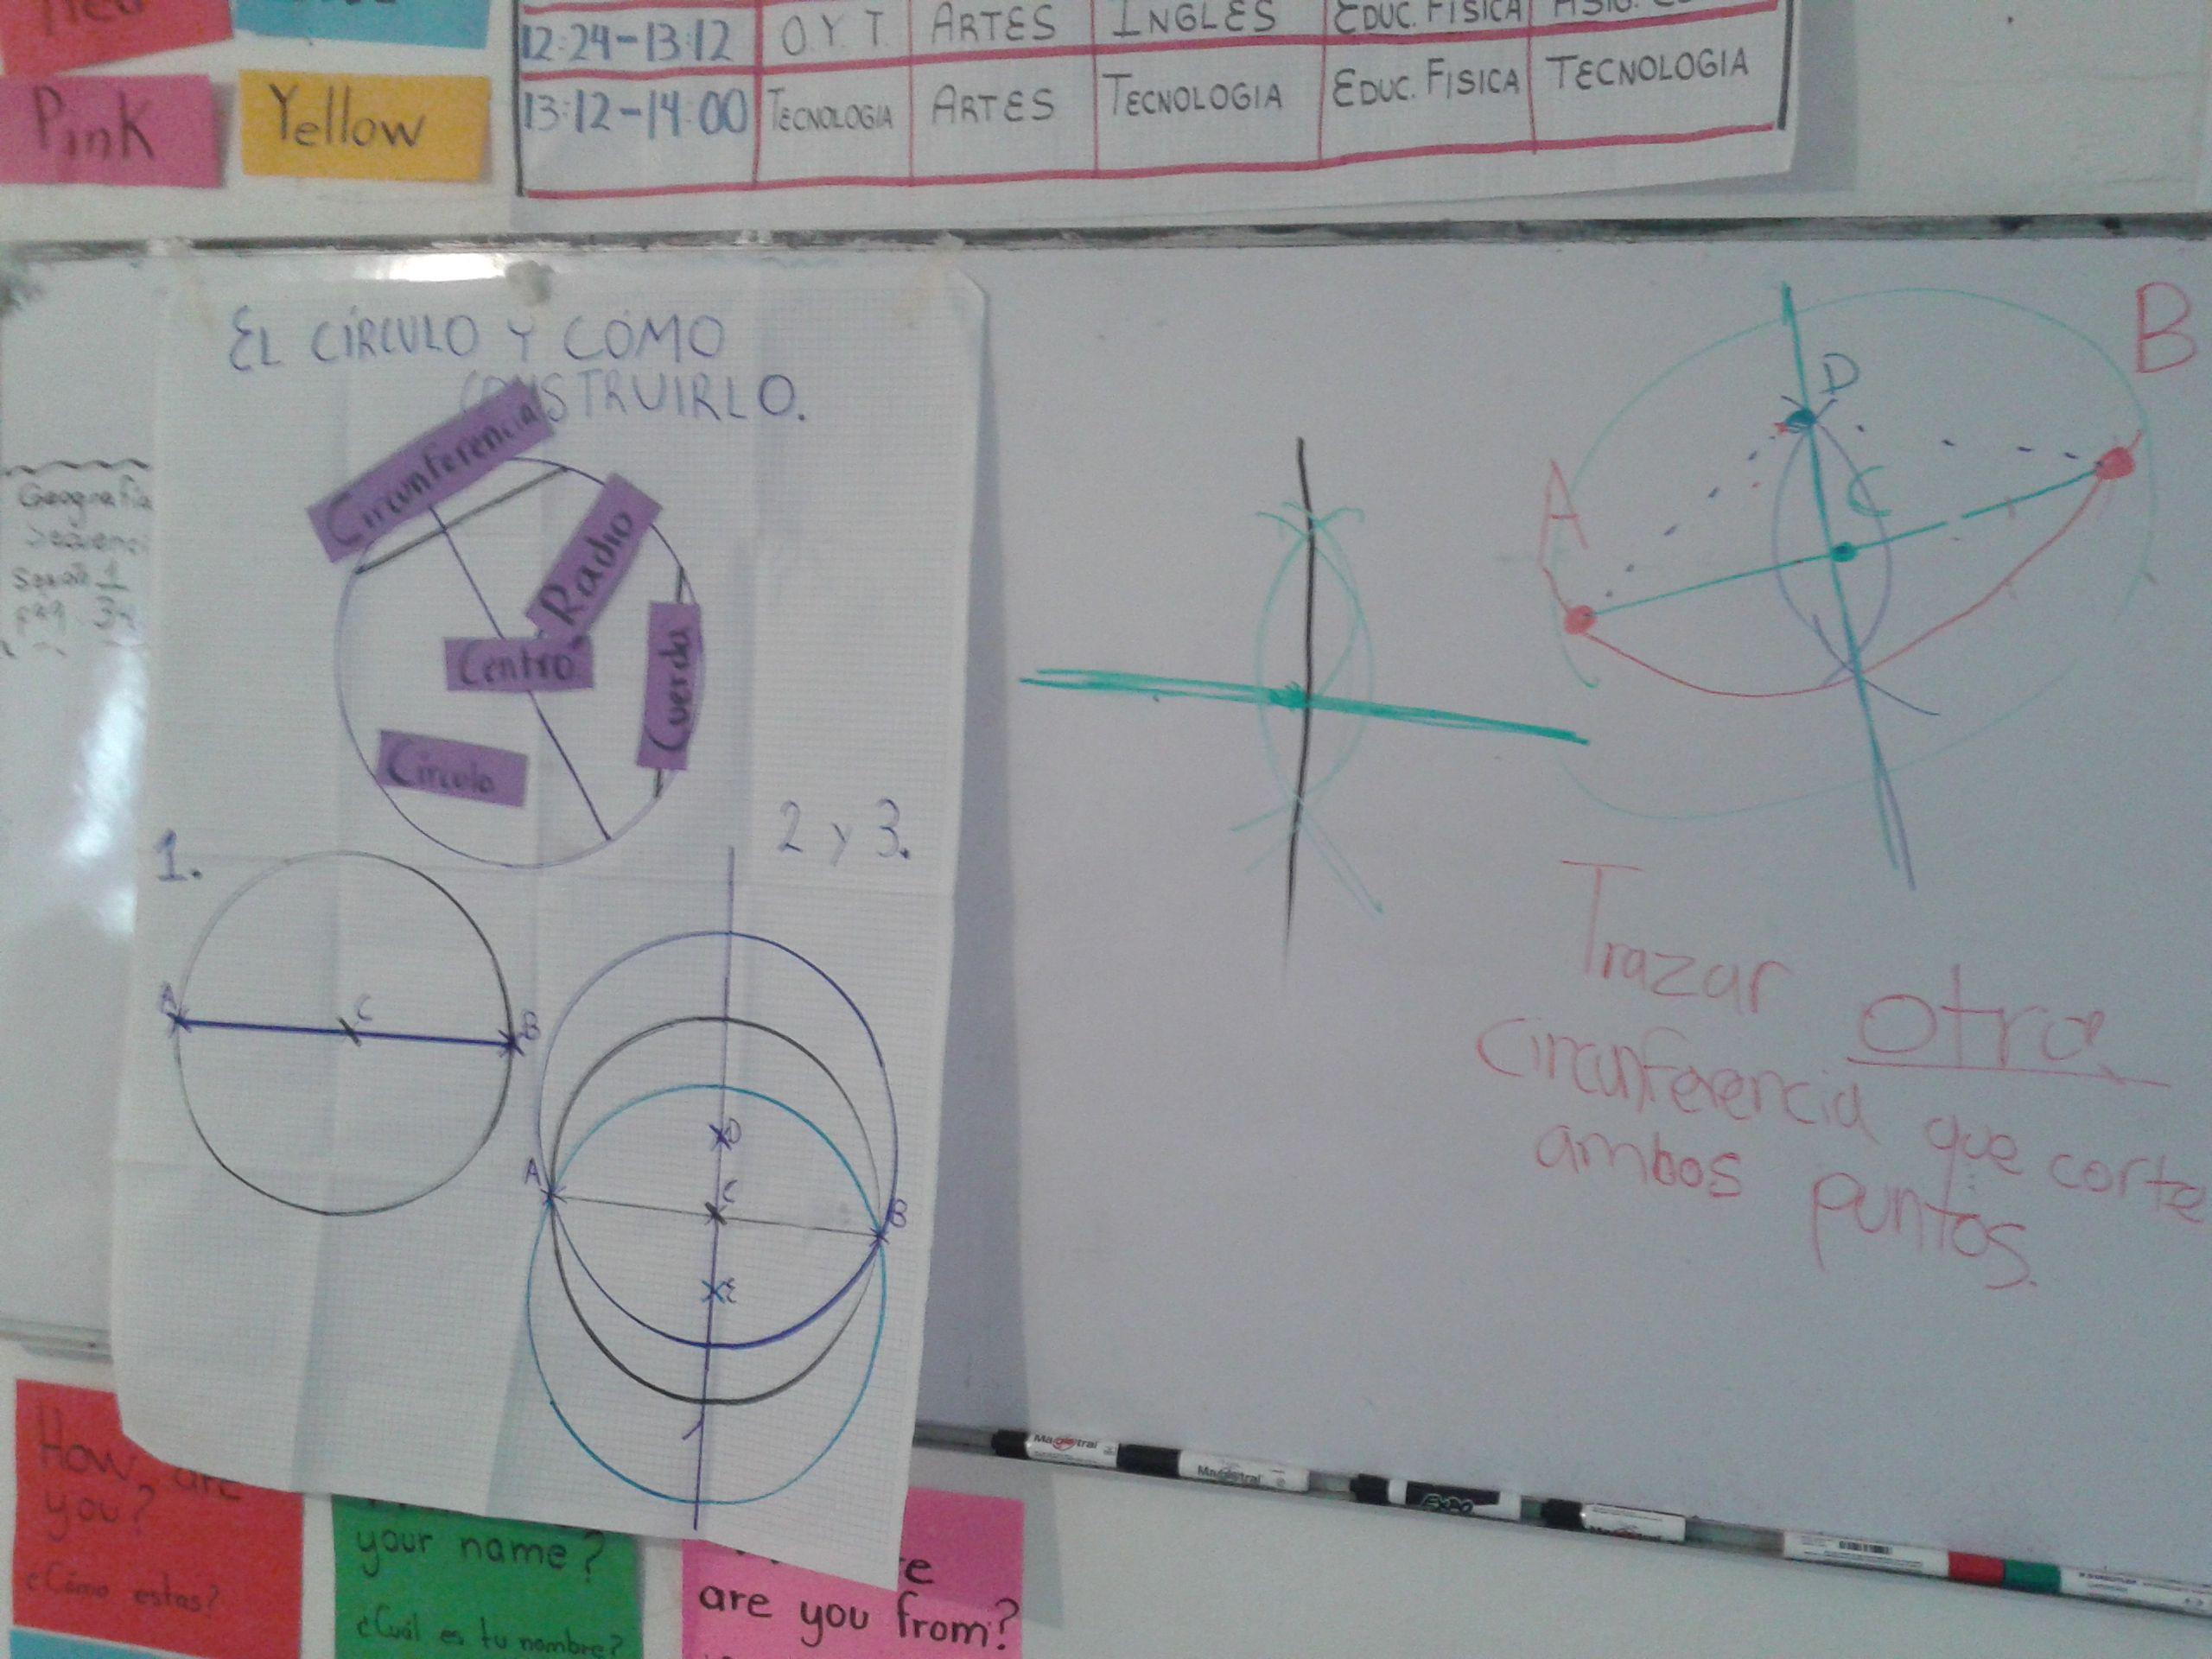 Matemáticas. Sesión 1. 13-03-2014. El círculo y cómo construirlo. Material didáctico.